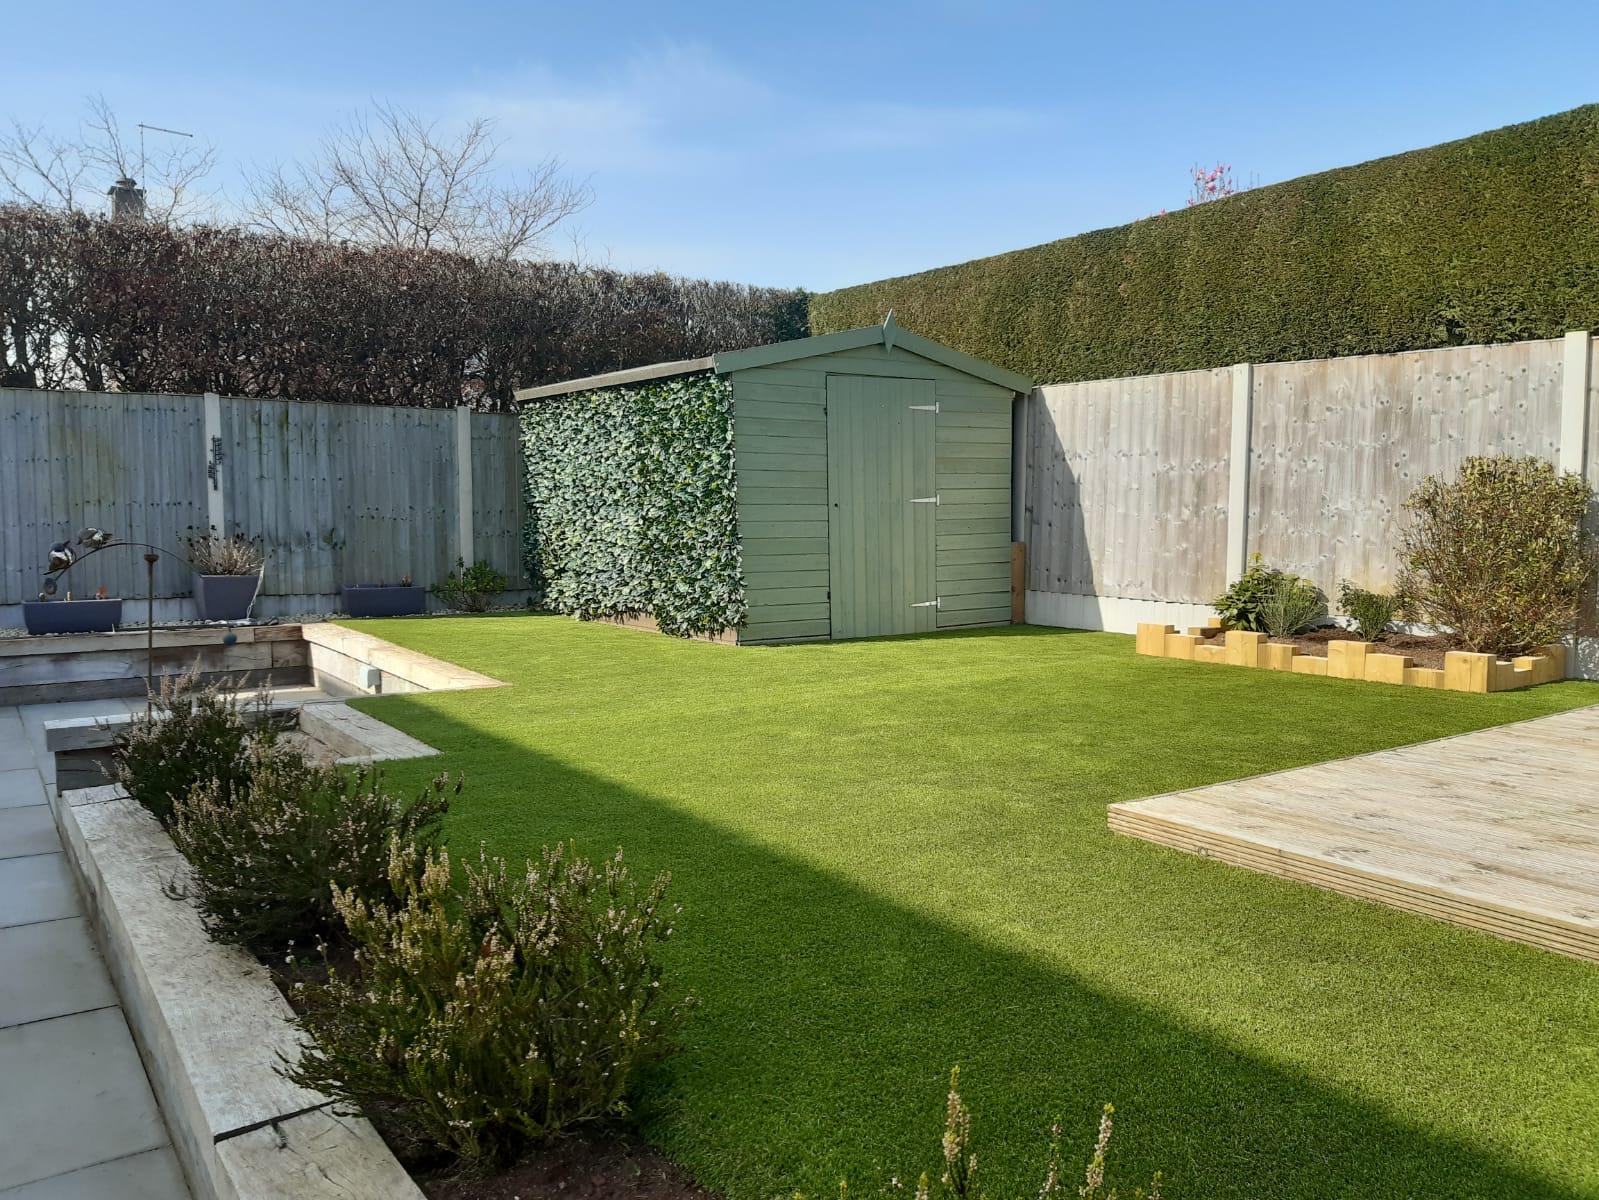 Artificial grass installed in garden for puppy.